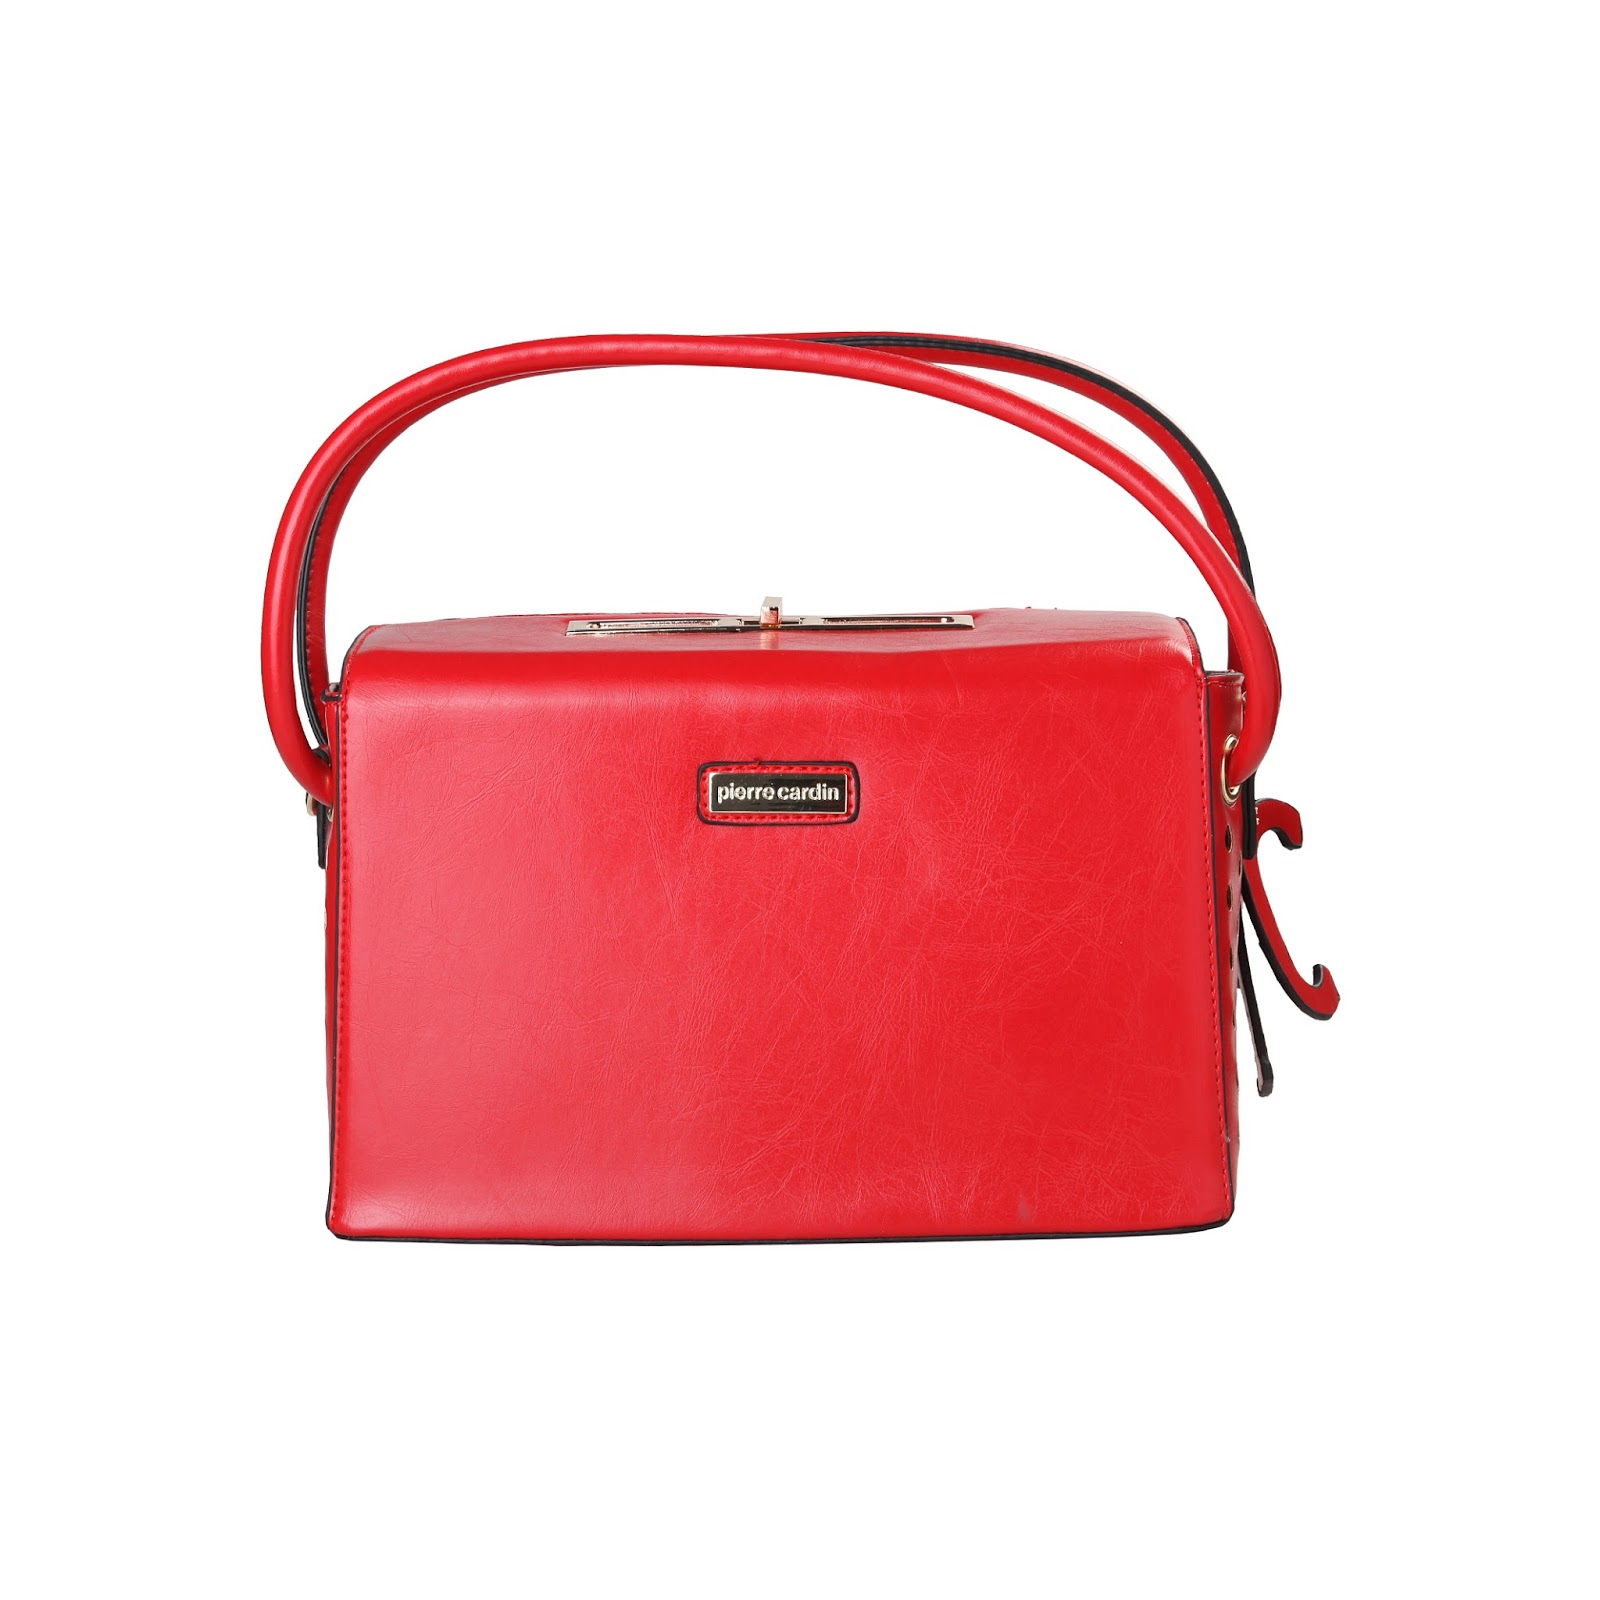 cba58100077 Fall/Winter 2015-2016 Handbag Trends - Brandsdistribution.com Blog